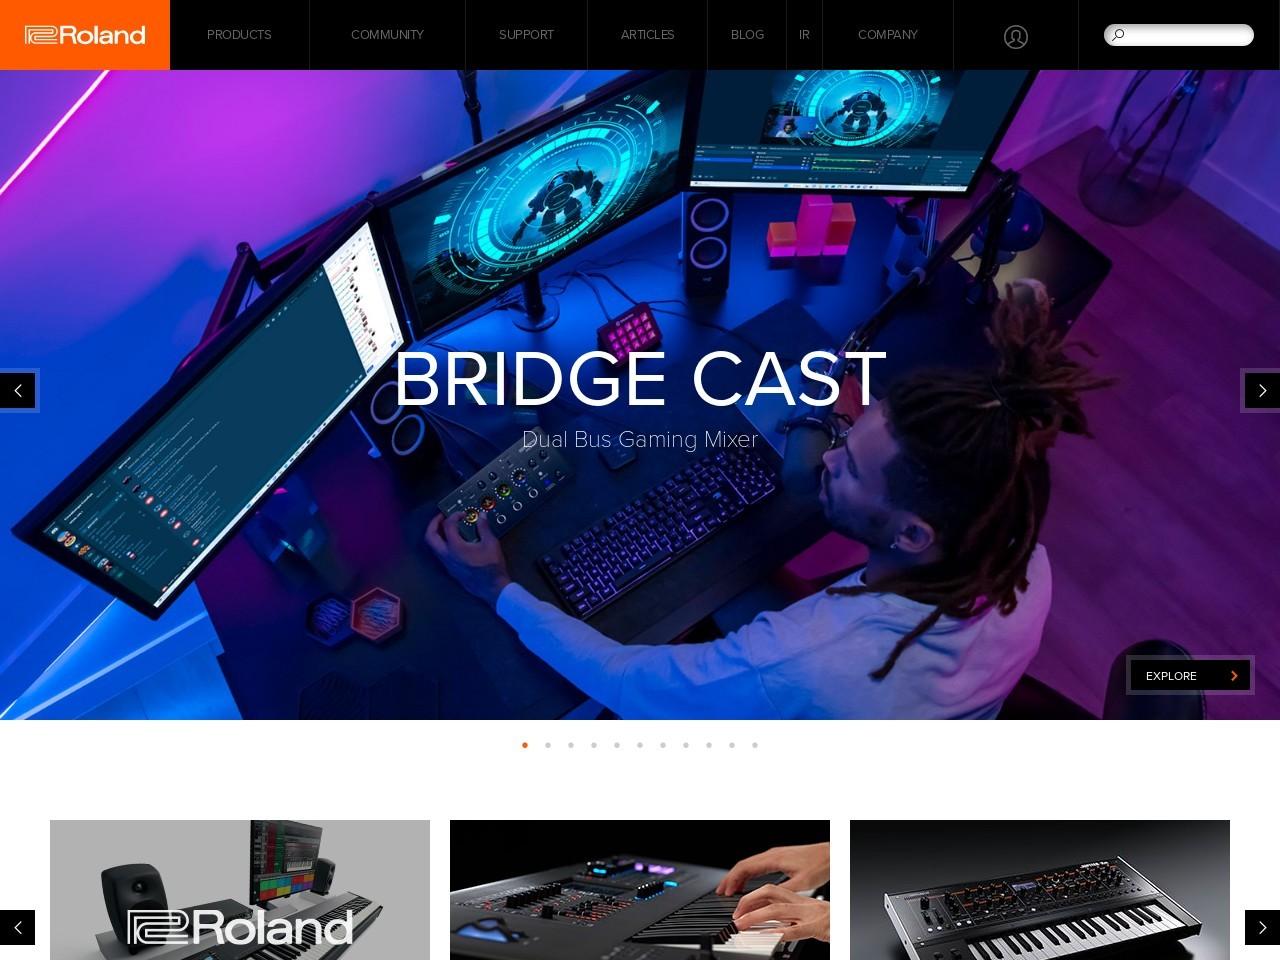 http://www.roland.co.jp/news/0593.html